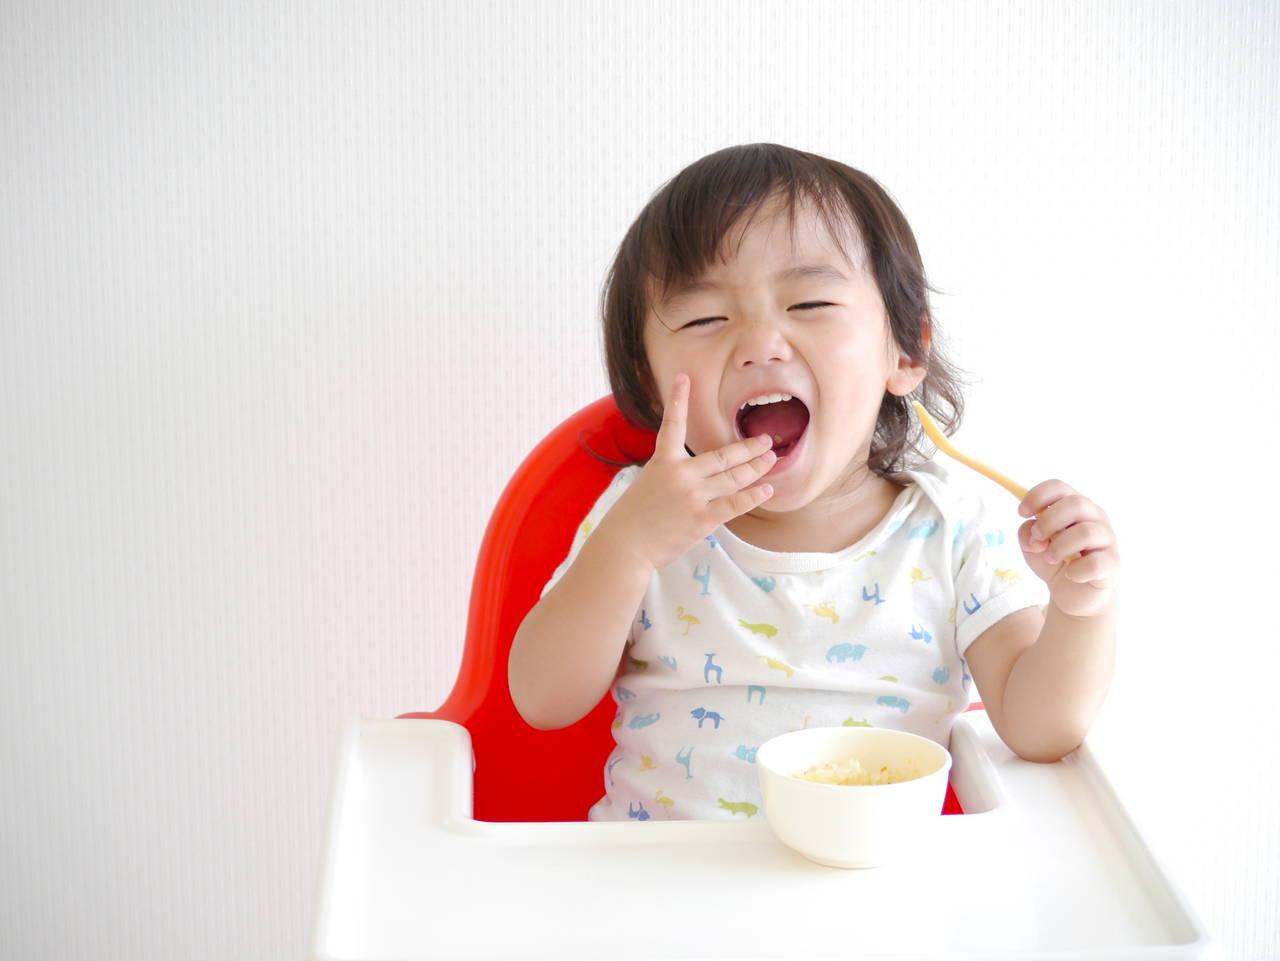 2歳児がスプーンを使わない理由は?スプーンを使うための練習方法